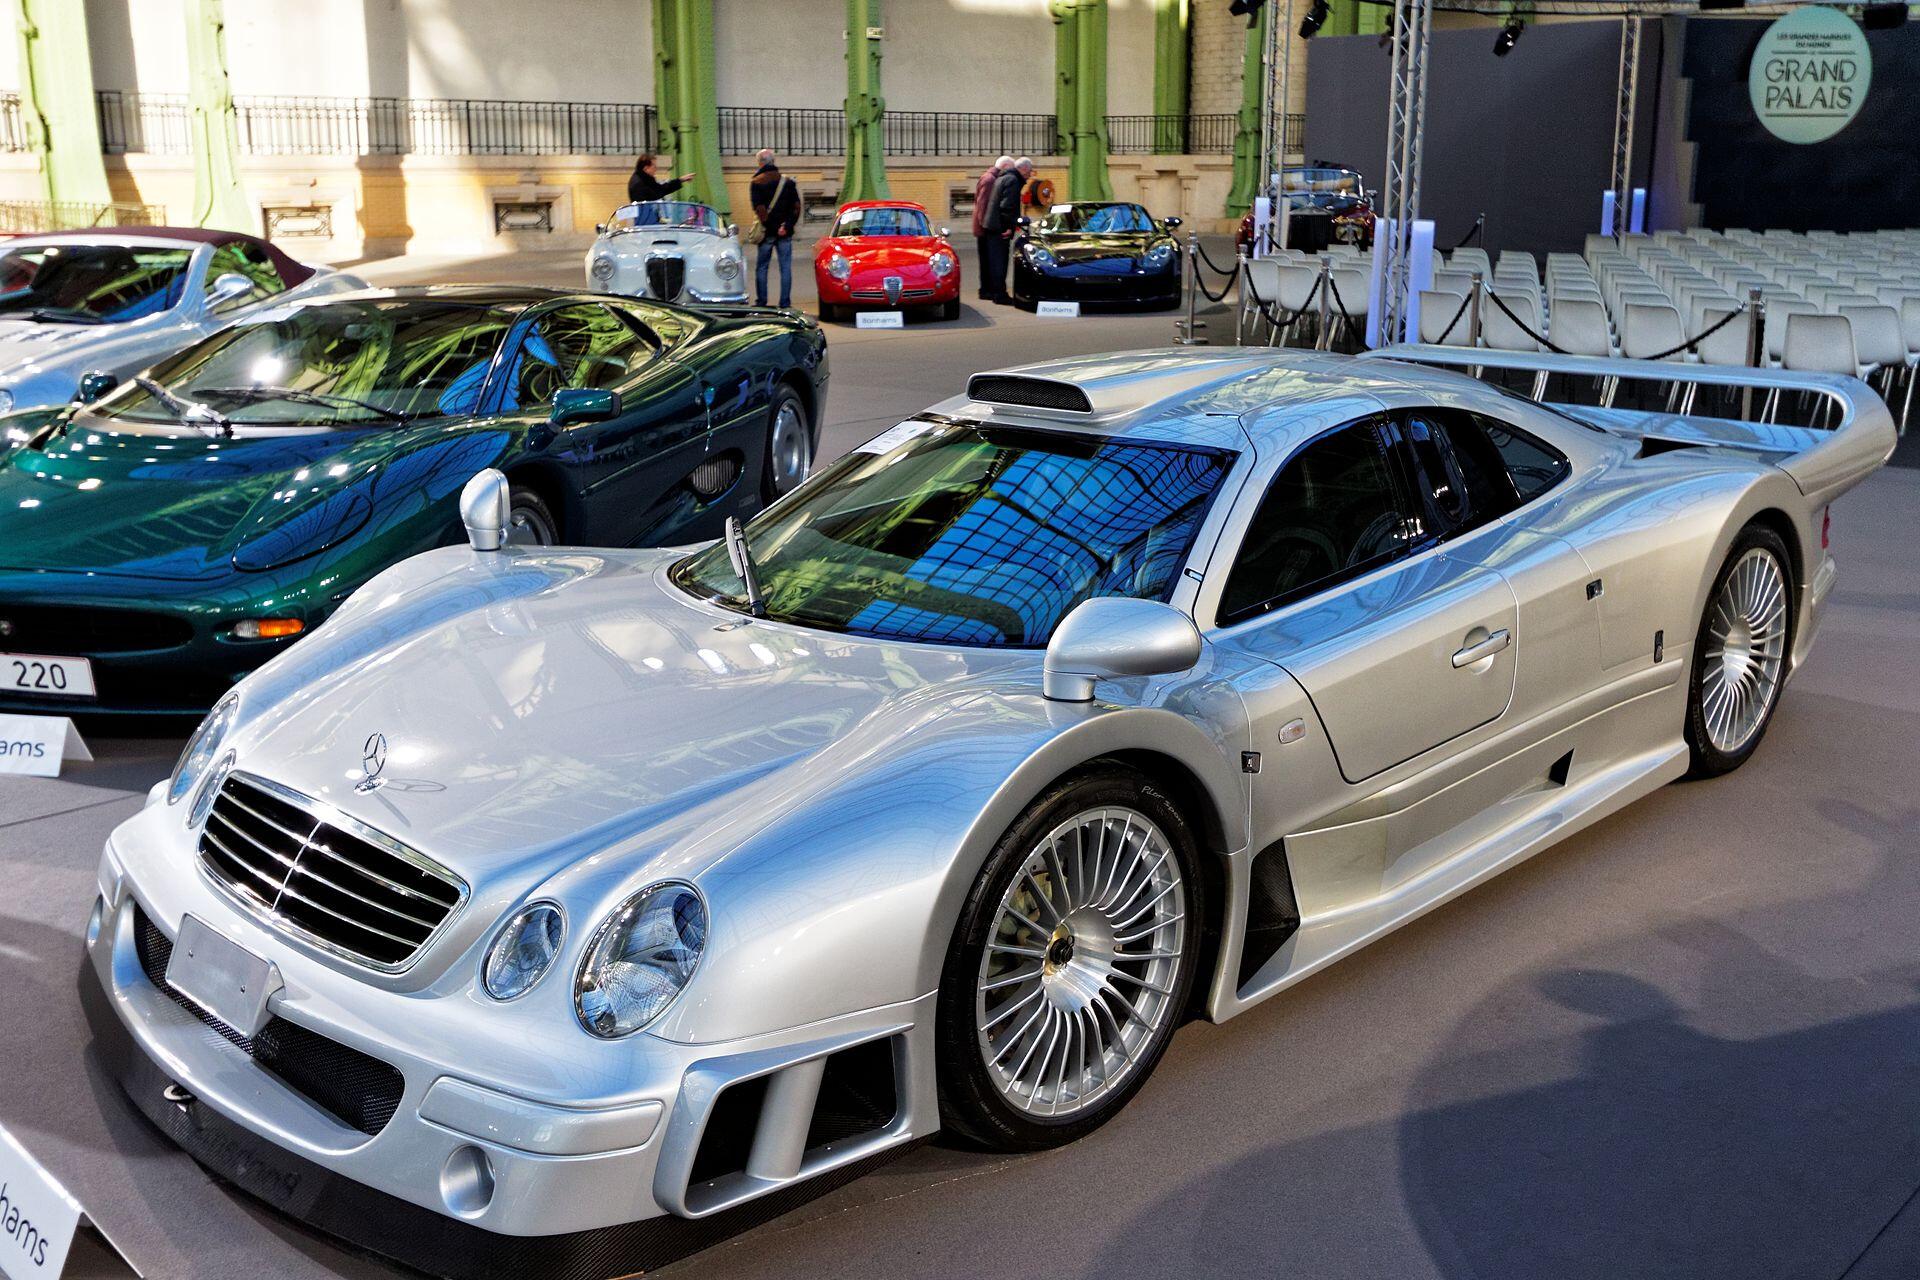 Merceds Benz AMG  CLK GTR